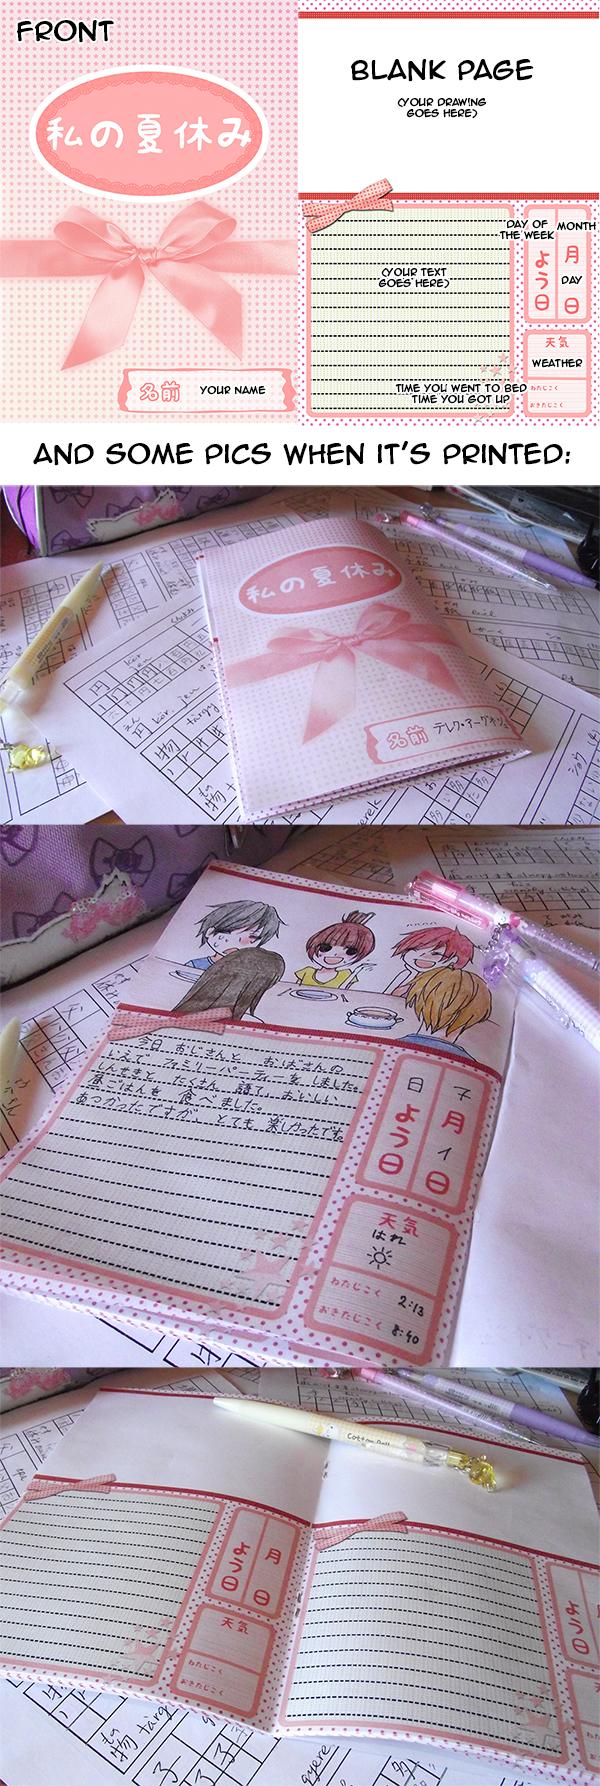 Japanese summer diary template by Fuugen.deviantart.com